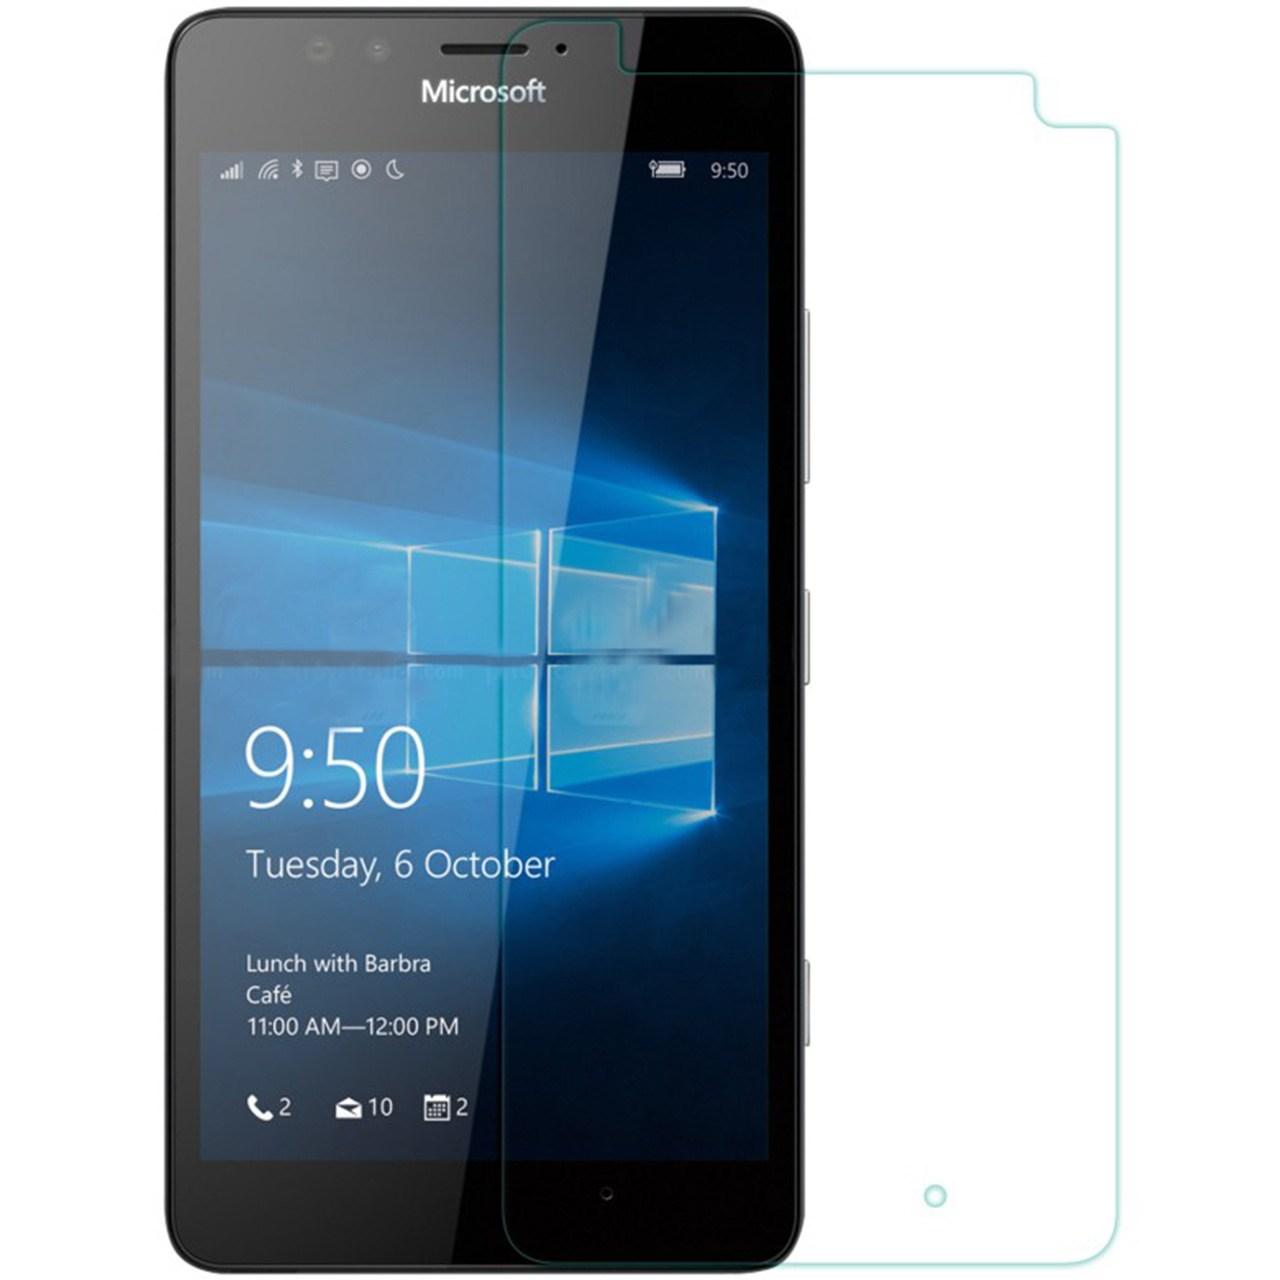 محافظ صفحه نمایش شیشه ای نیلکین مدل Amazing H Anti-Explosion مناسب برای گوشی موبایل مایکروسافت Lumia 950